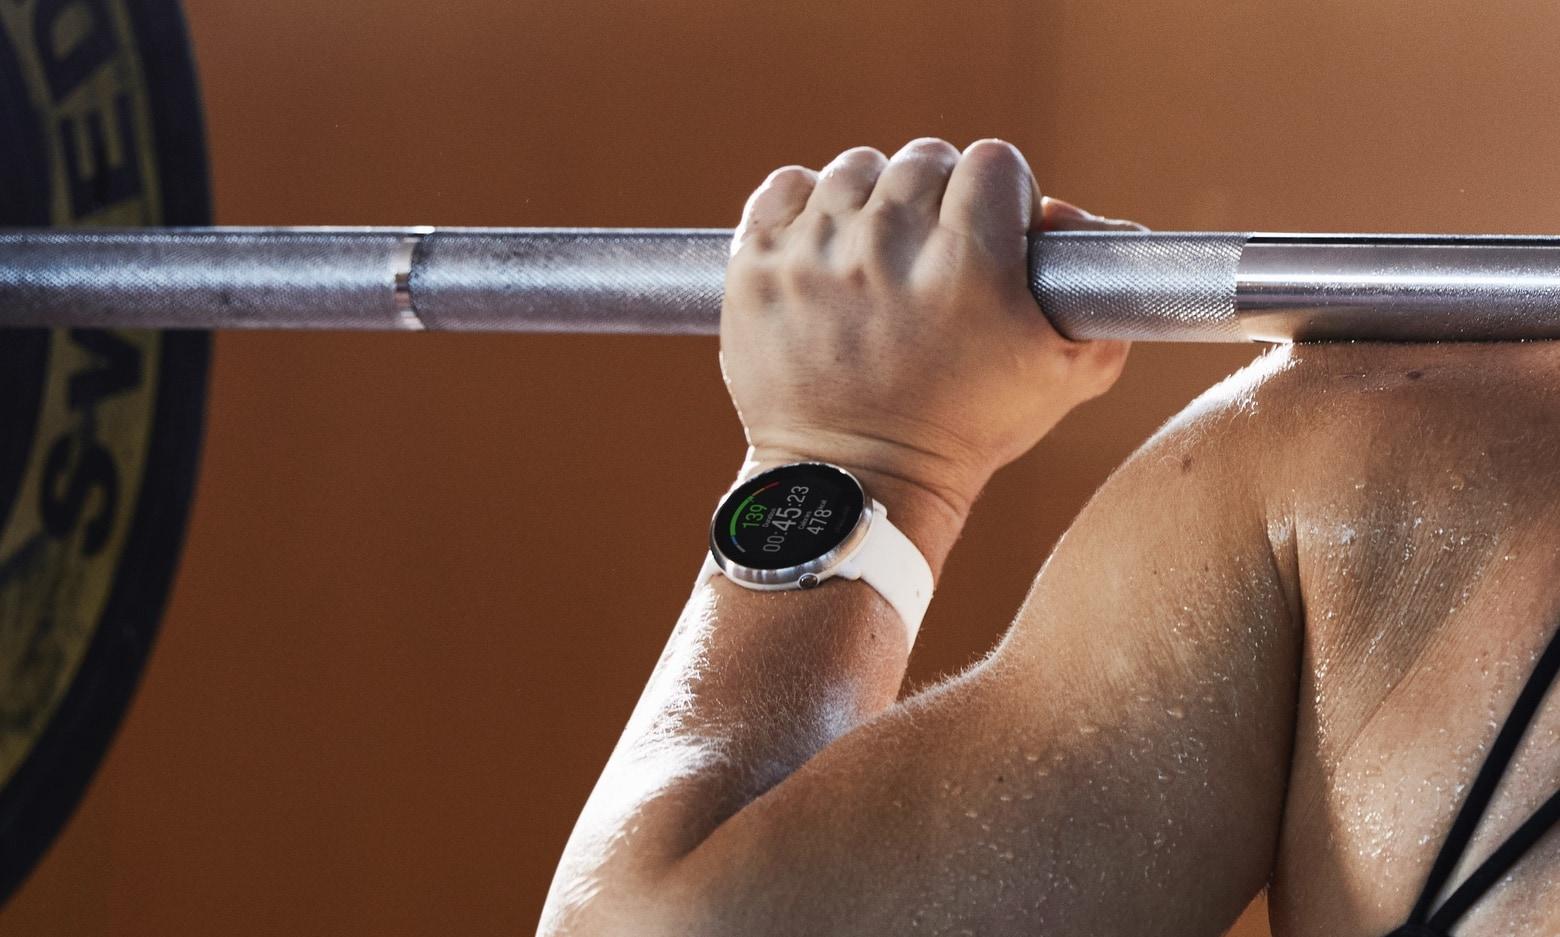 Polar Ignite GPS fitness watch